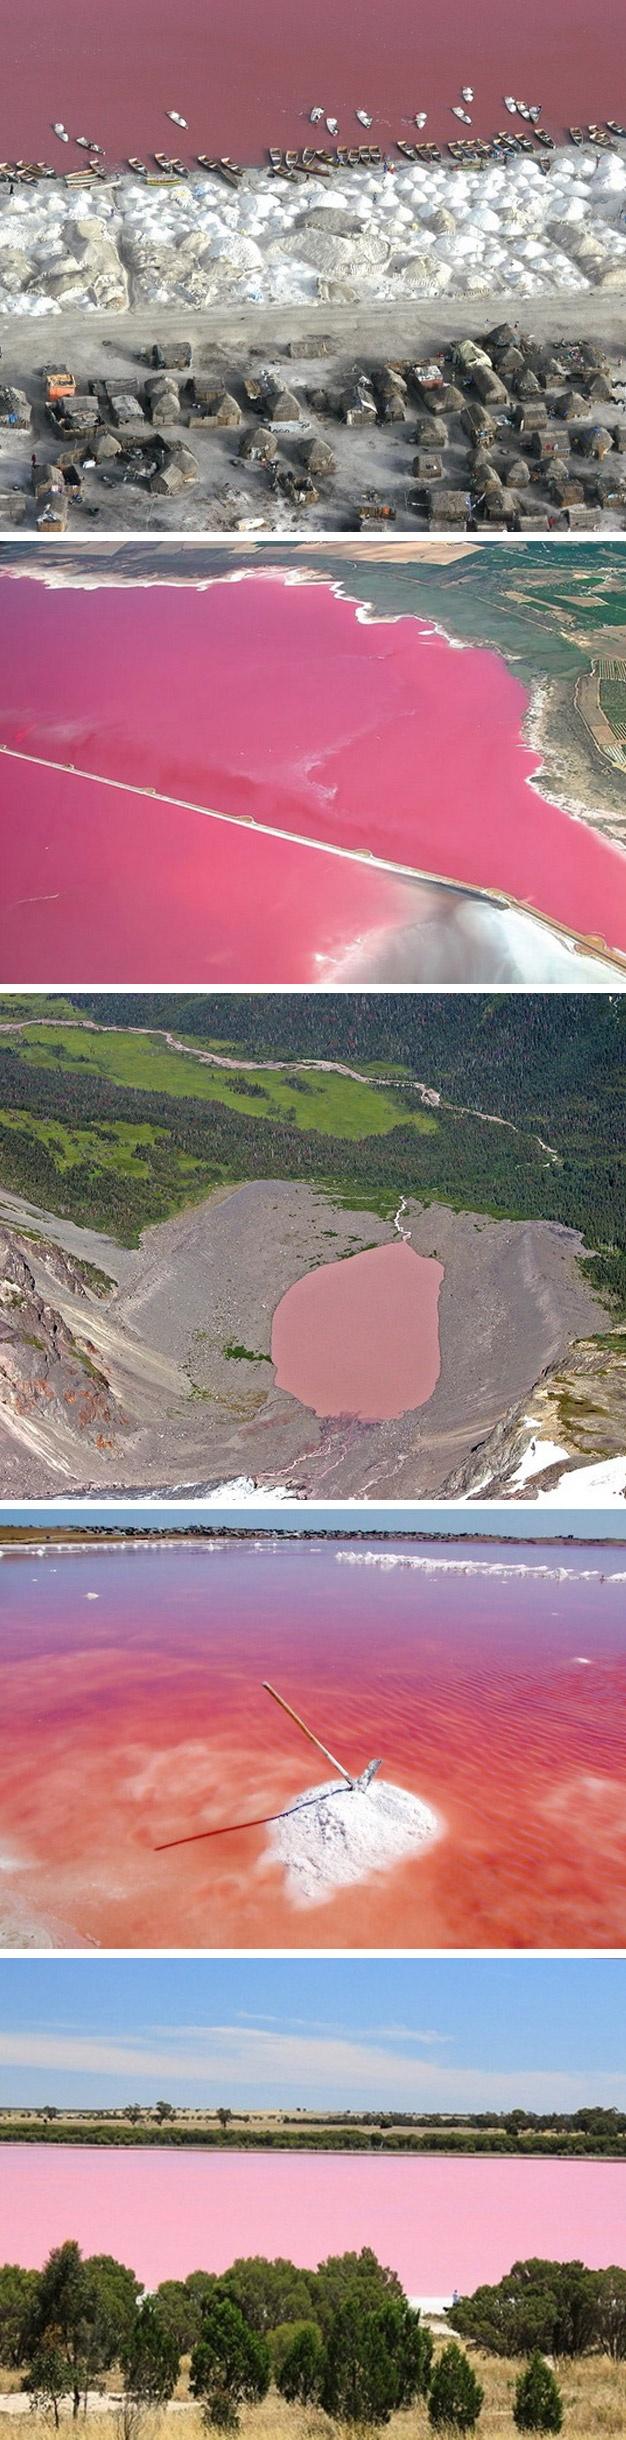 Pink lakes: Hille (Austrália), lago Retba (Senegal), Salina de Torrevieja (Espanha), Hutt Lagoon (Austrália), Dusty Rose (Canadá), Pink Lake (Austrália), Quairading Pink Lake (Austrália)